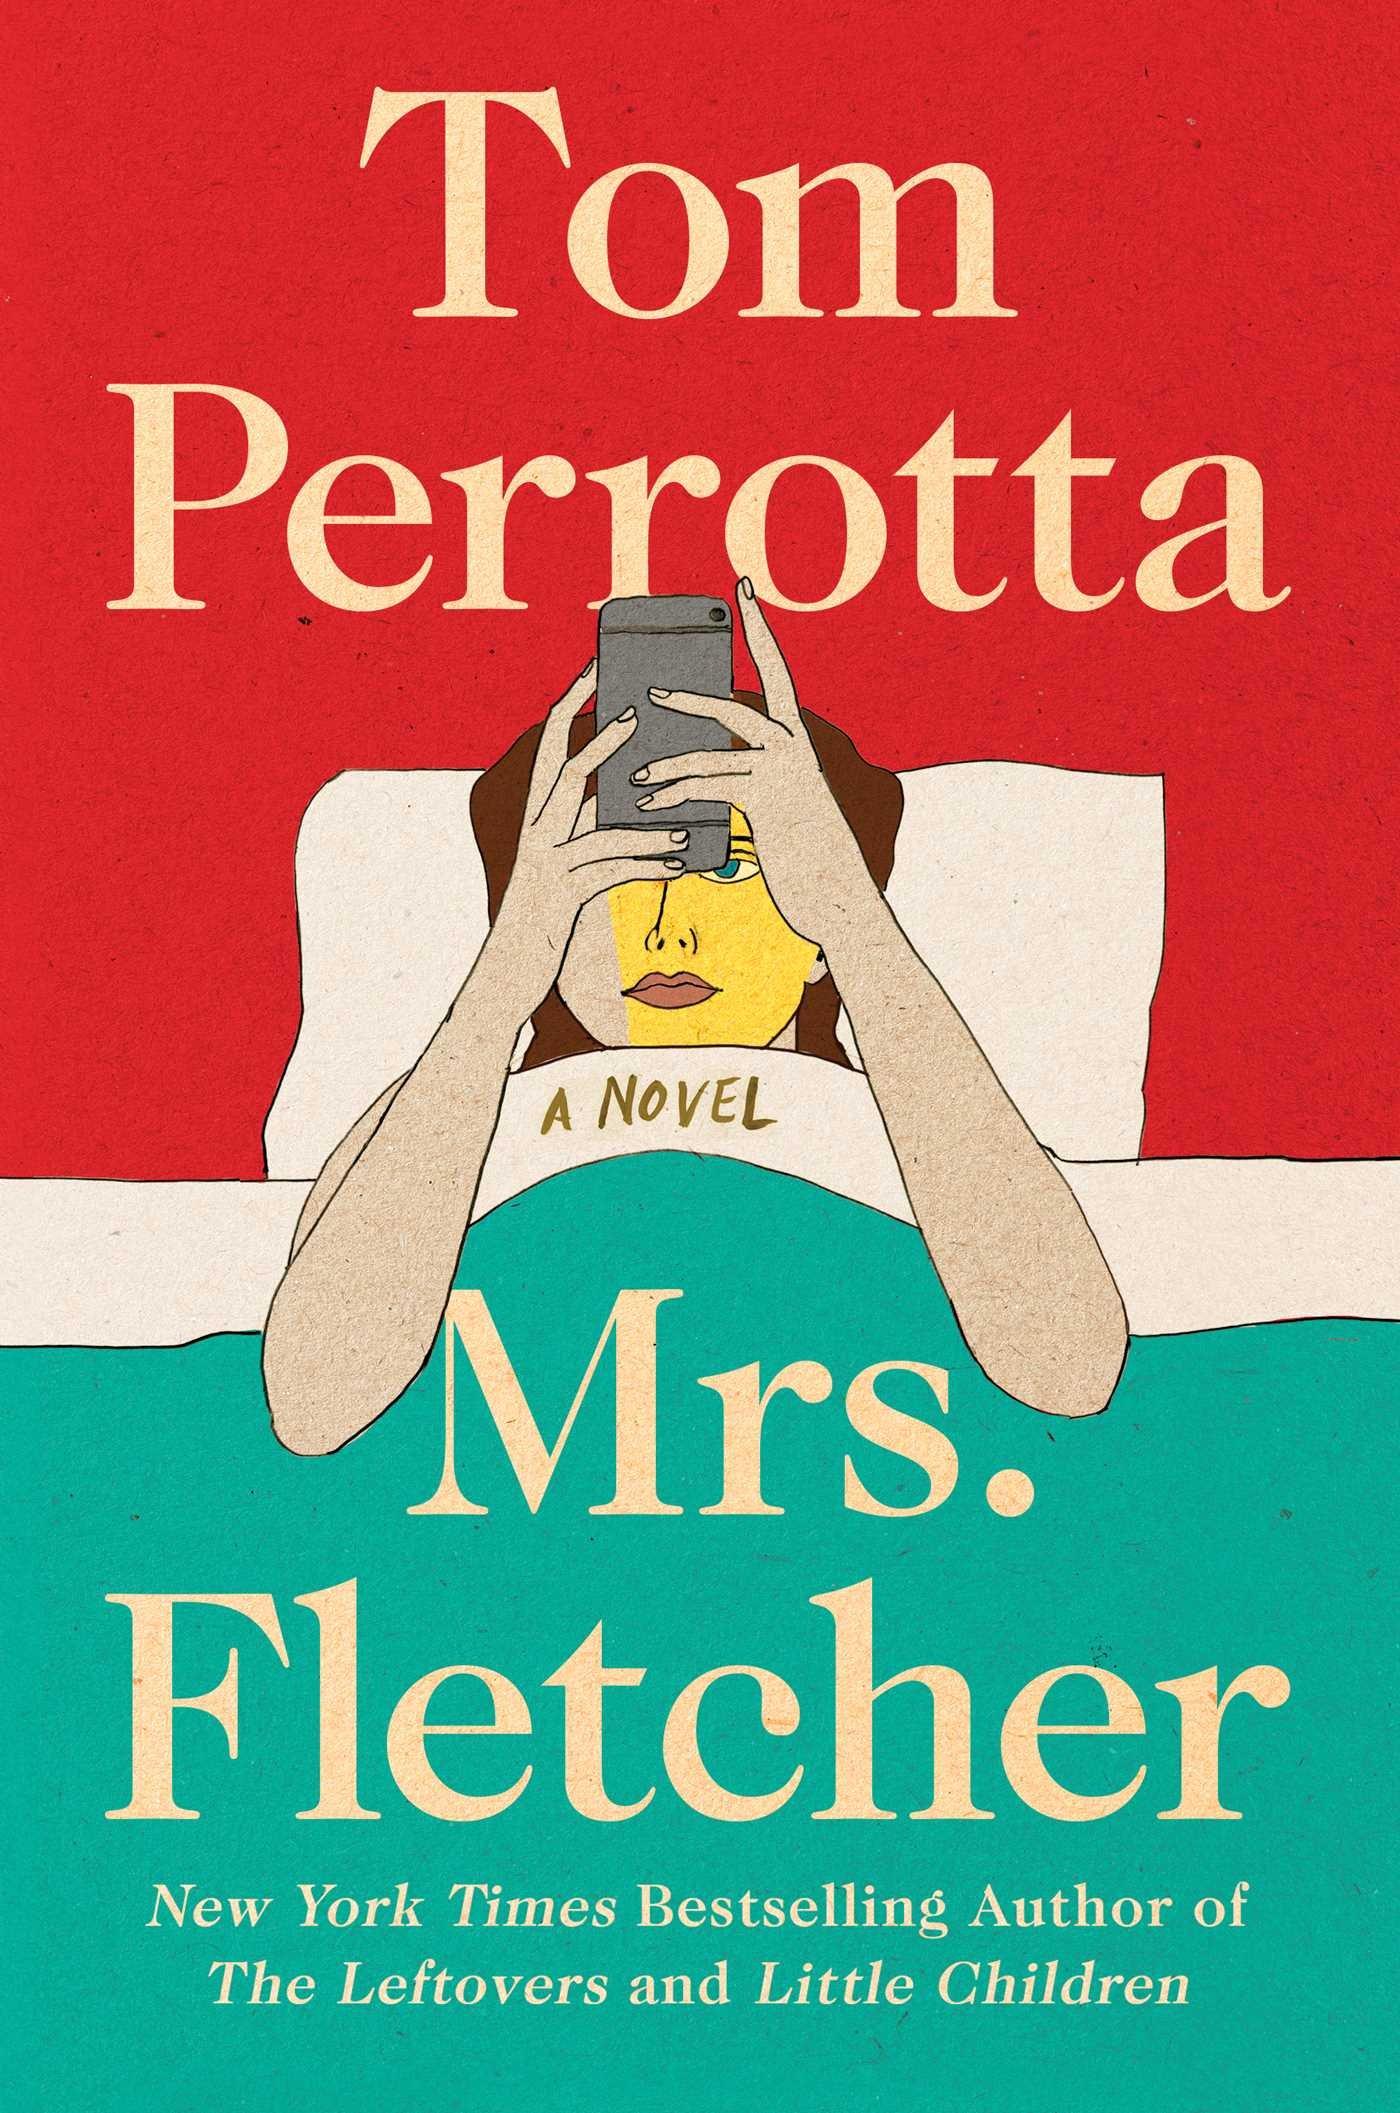 現代アメリカ社会を鋭く風刺する娯楽小説 Mrs. Fletcher